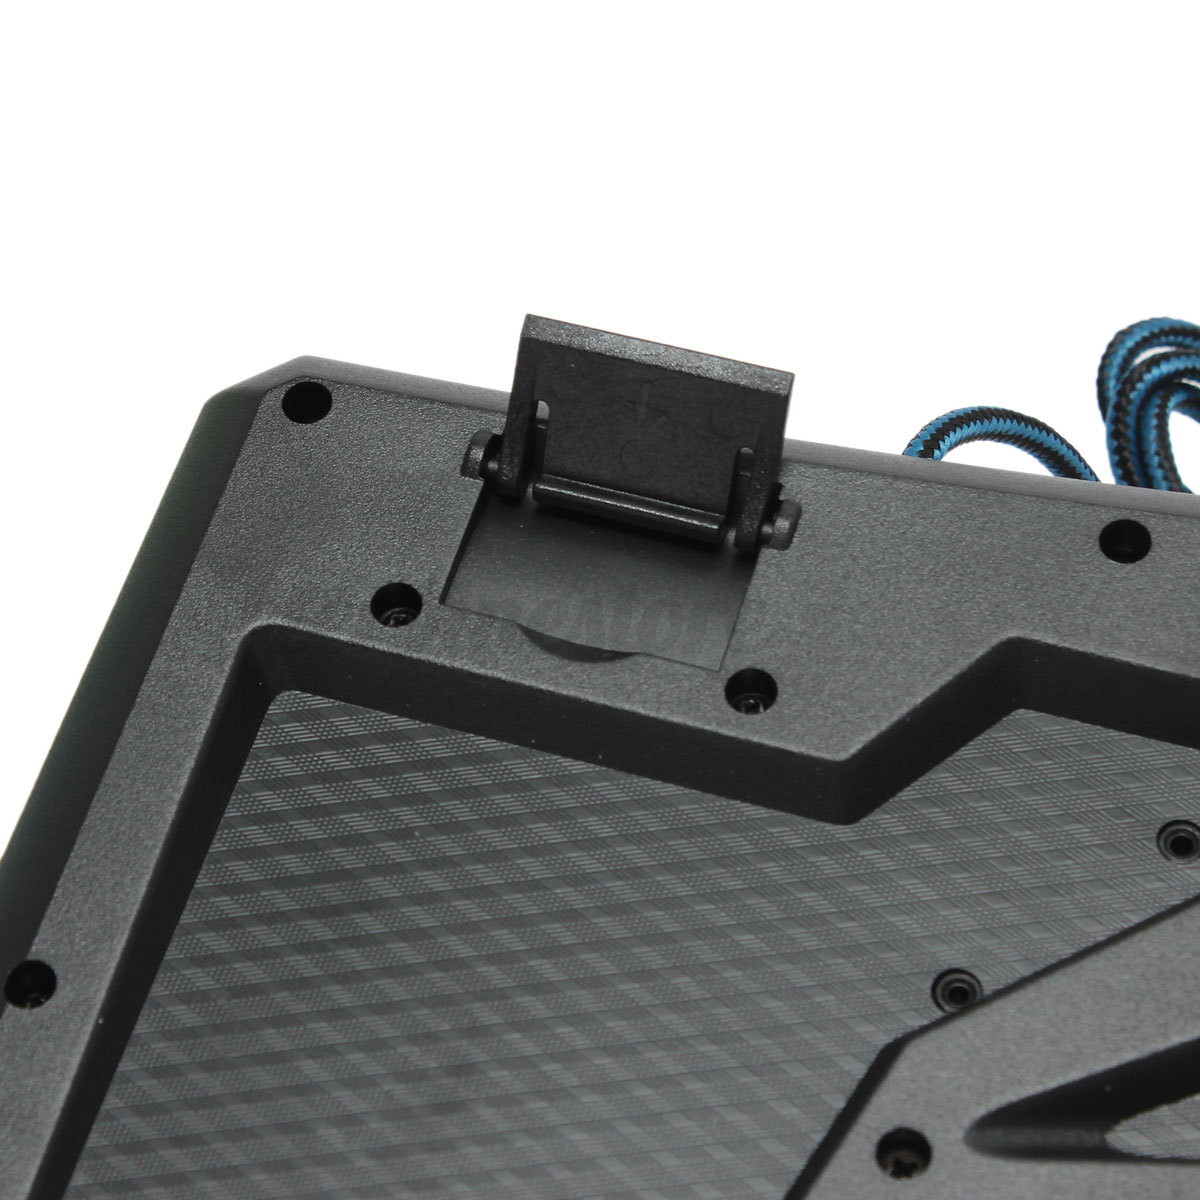 ergonomische tastatur usb kabel keyboard gaming f r pc laptop notebook gamer ebay. Black Bedroom Furniture Sets. Home Design Ideas